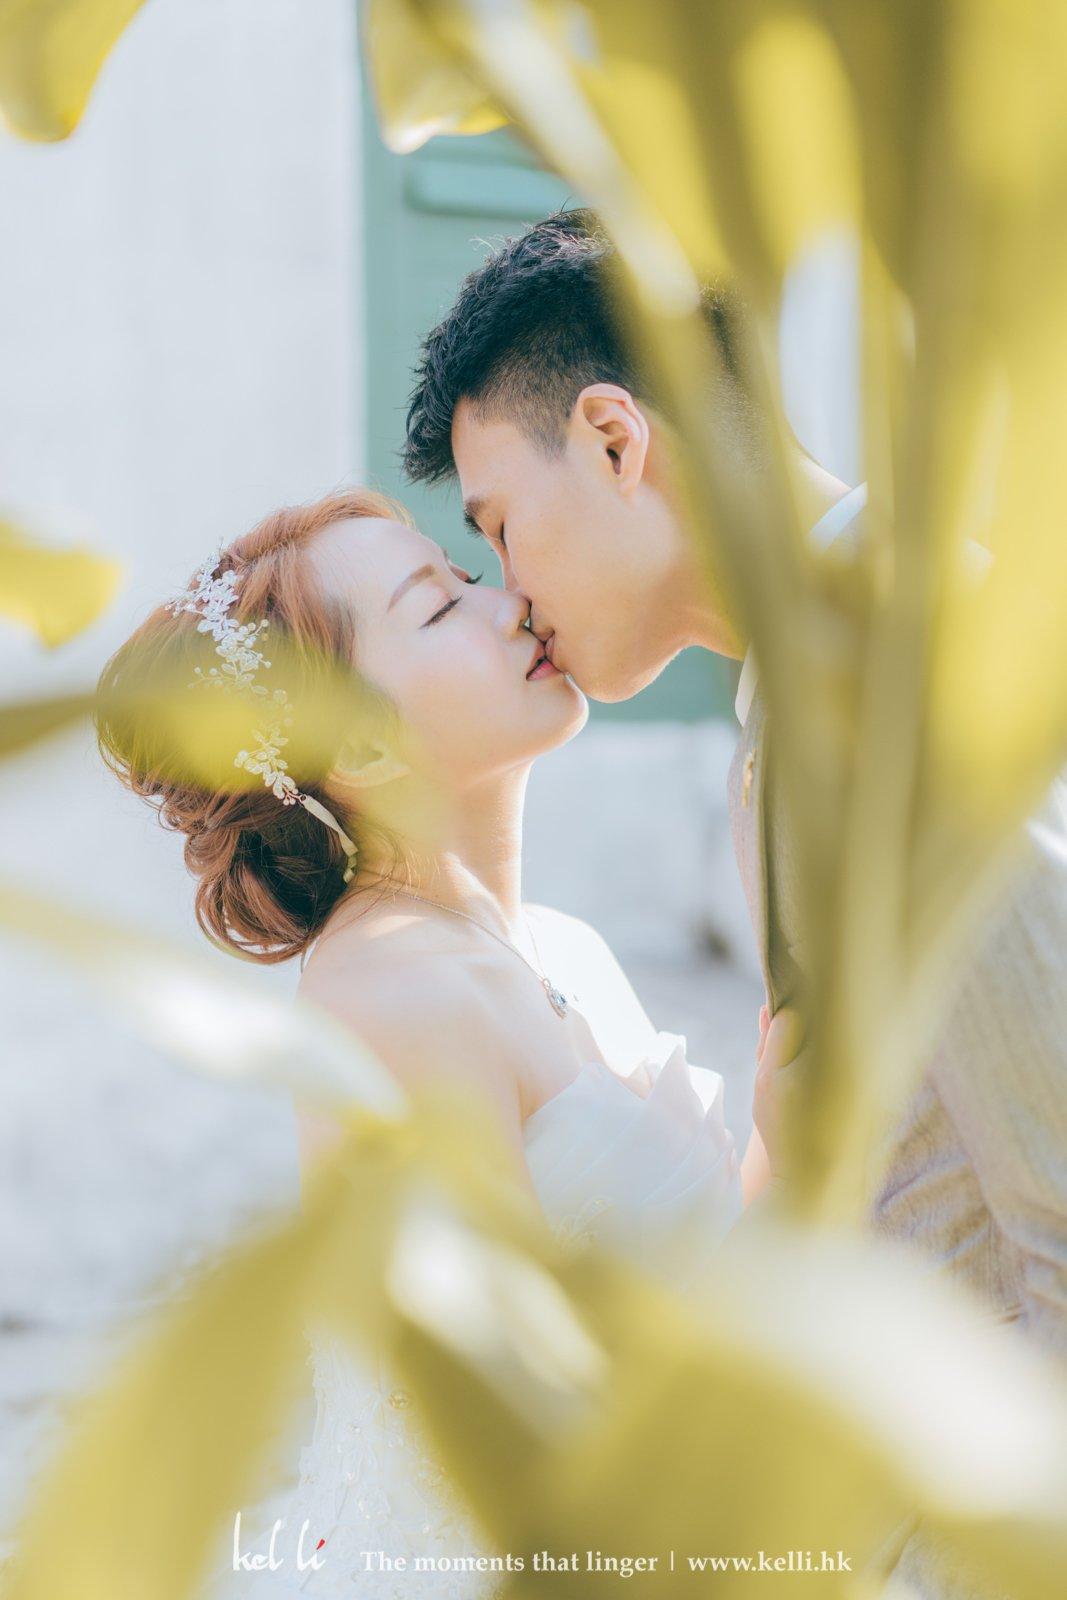 浪漫深情的一個吻